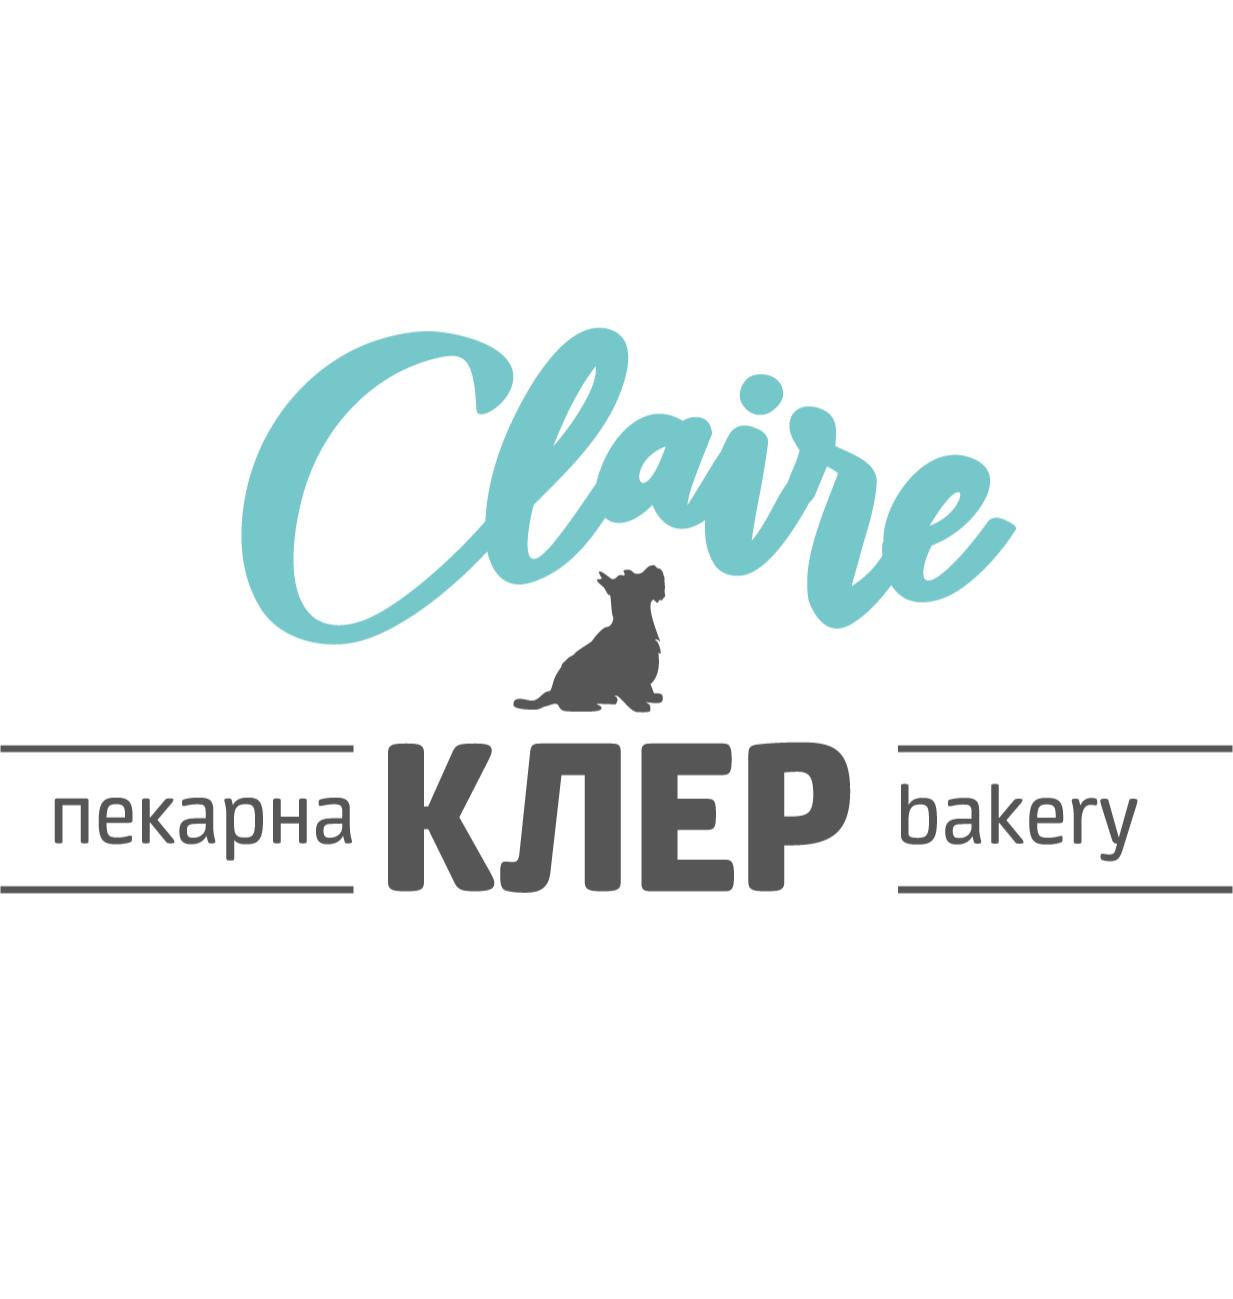 пекарна Клер (2021)